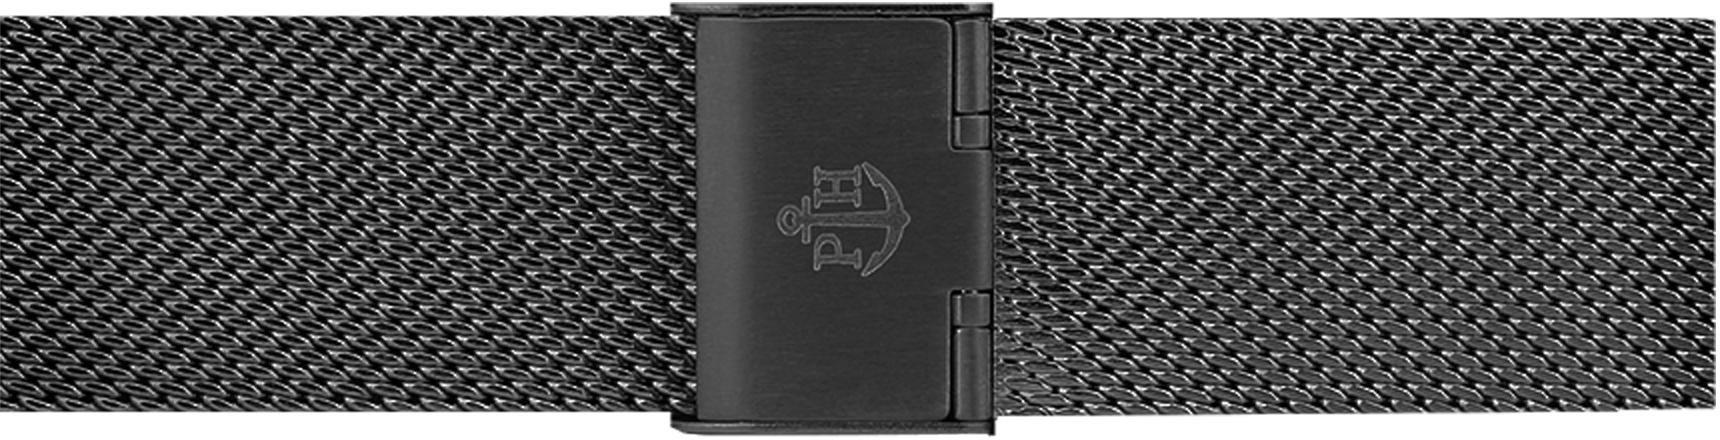 PAUL HEWITT horlogebandje »PH-M1-G-5M« bestellen: 30 dagen bedenktijd